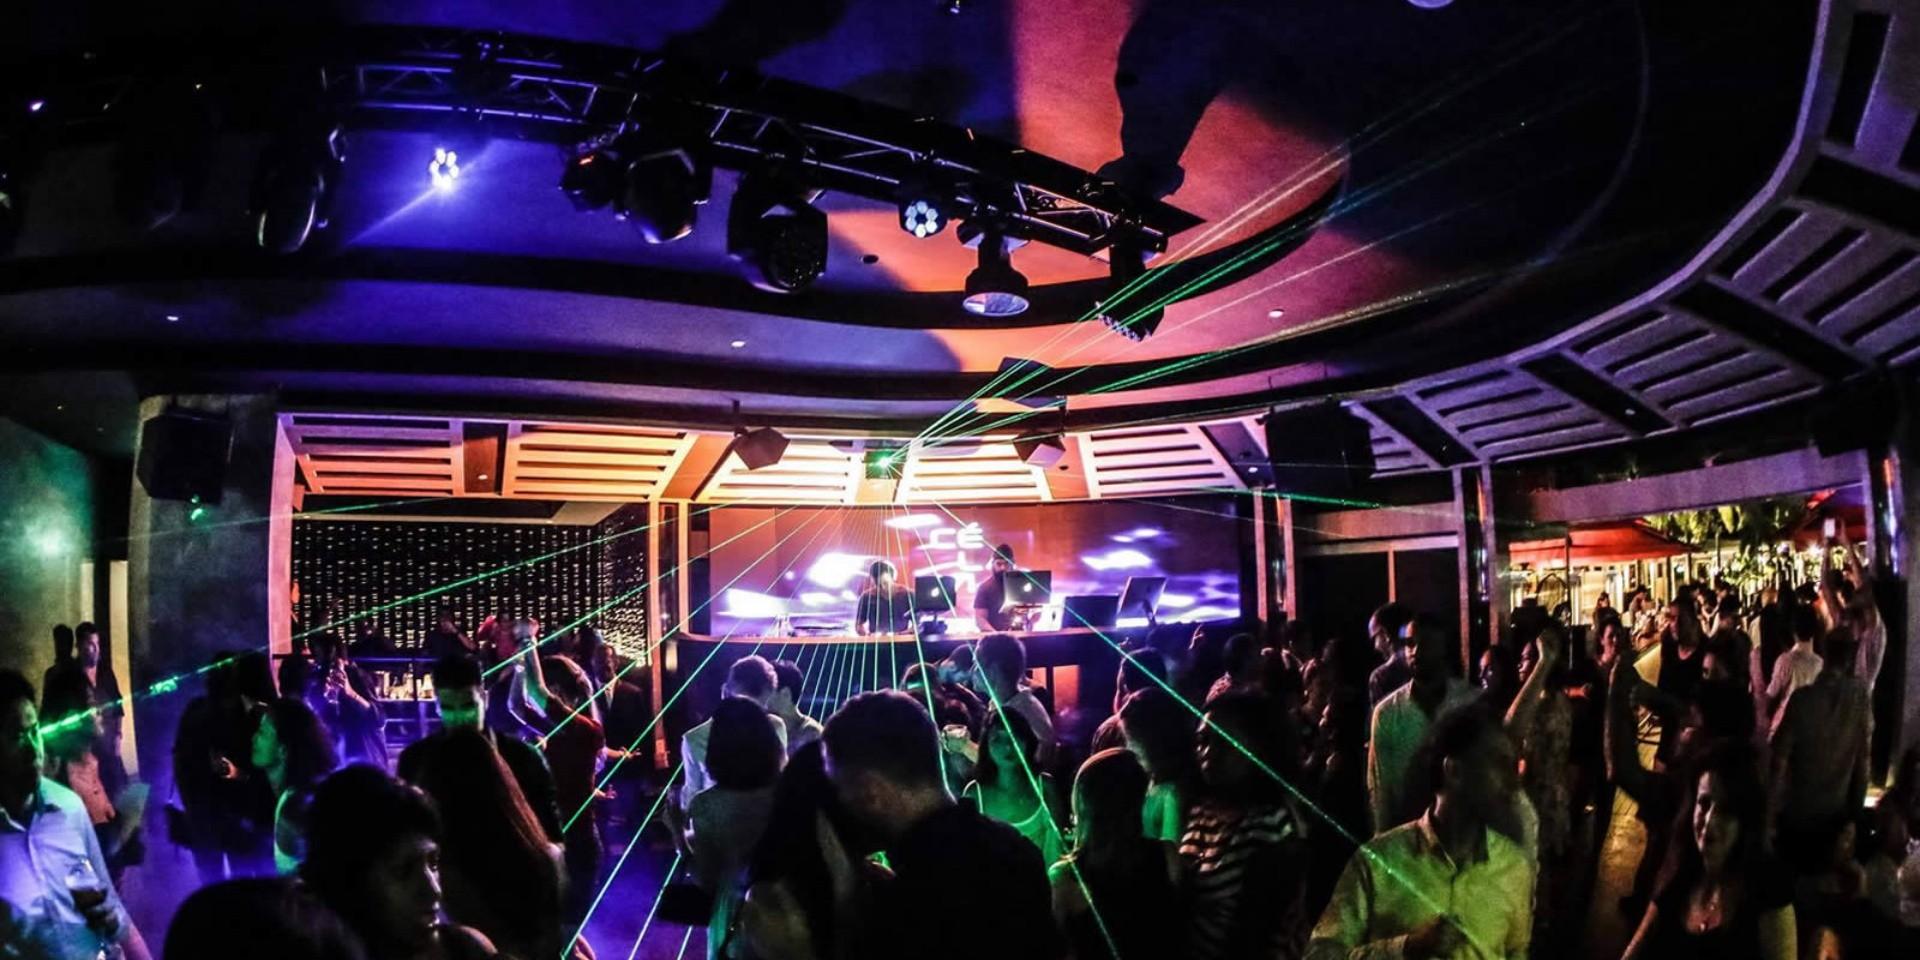 Five reasons why CÉ LA VI belongs on DJ Mag's Top 100 Nightclubs